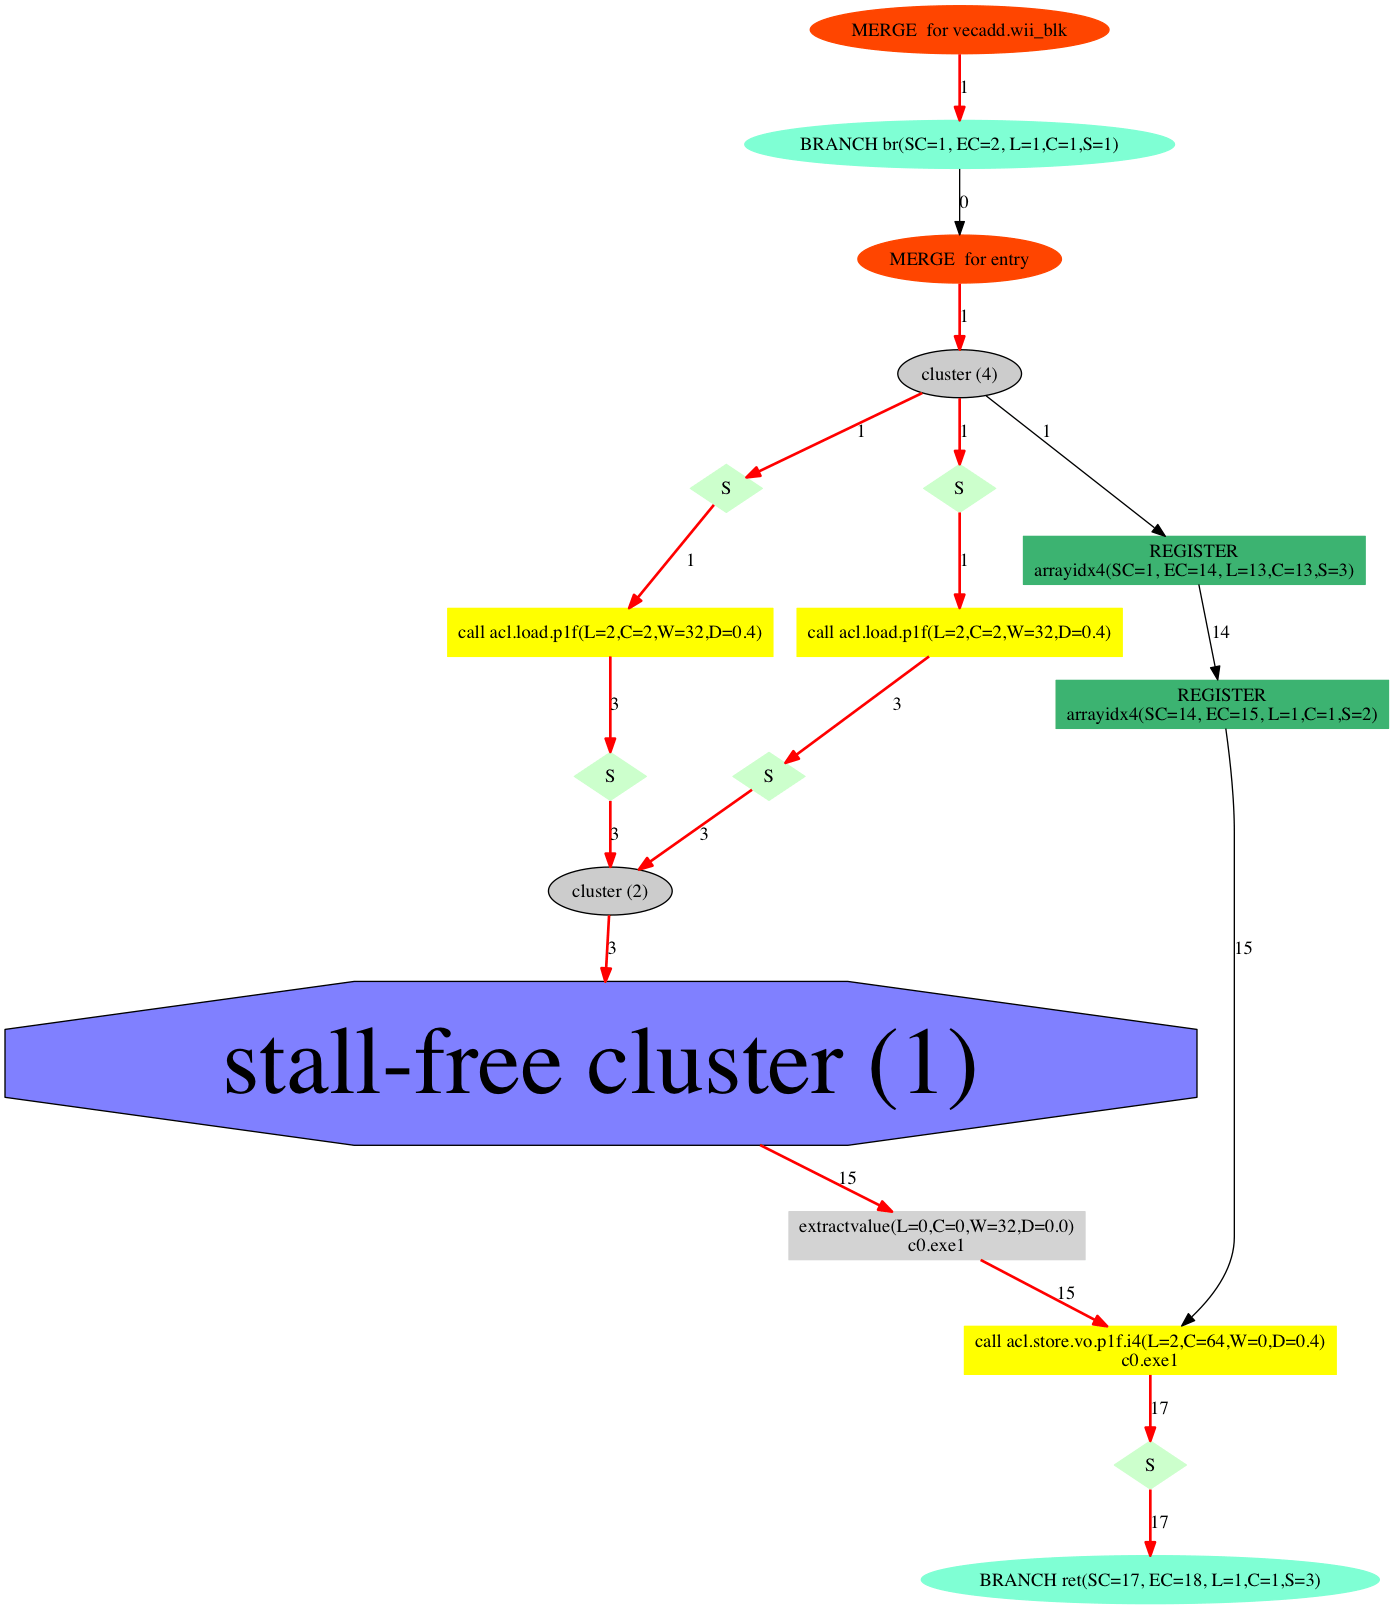 vecaddカーネルの可視化